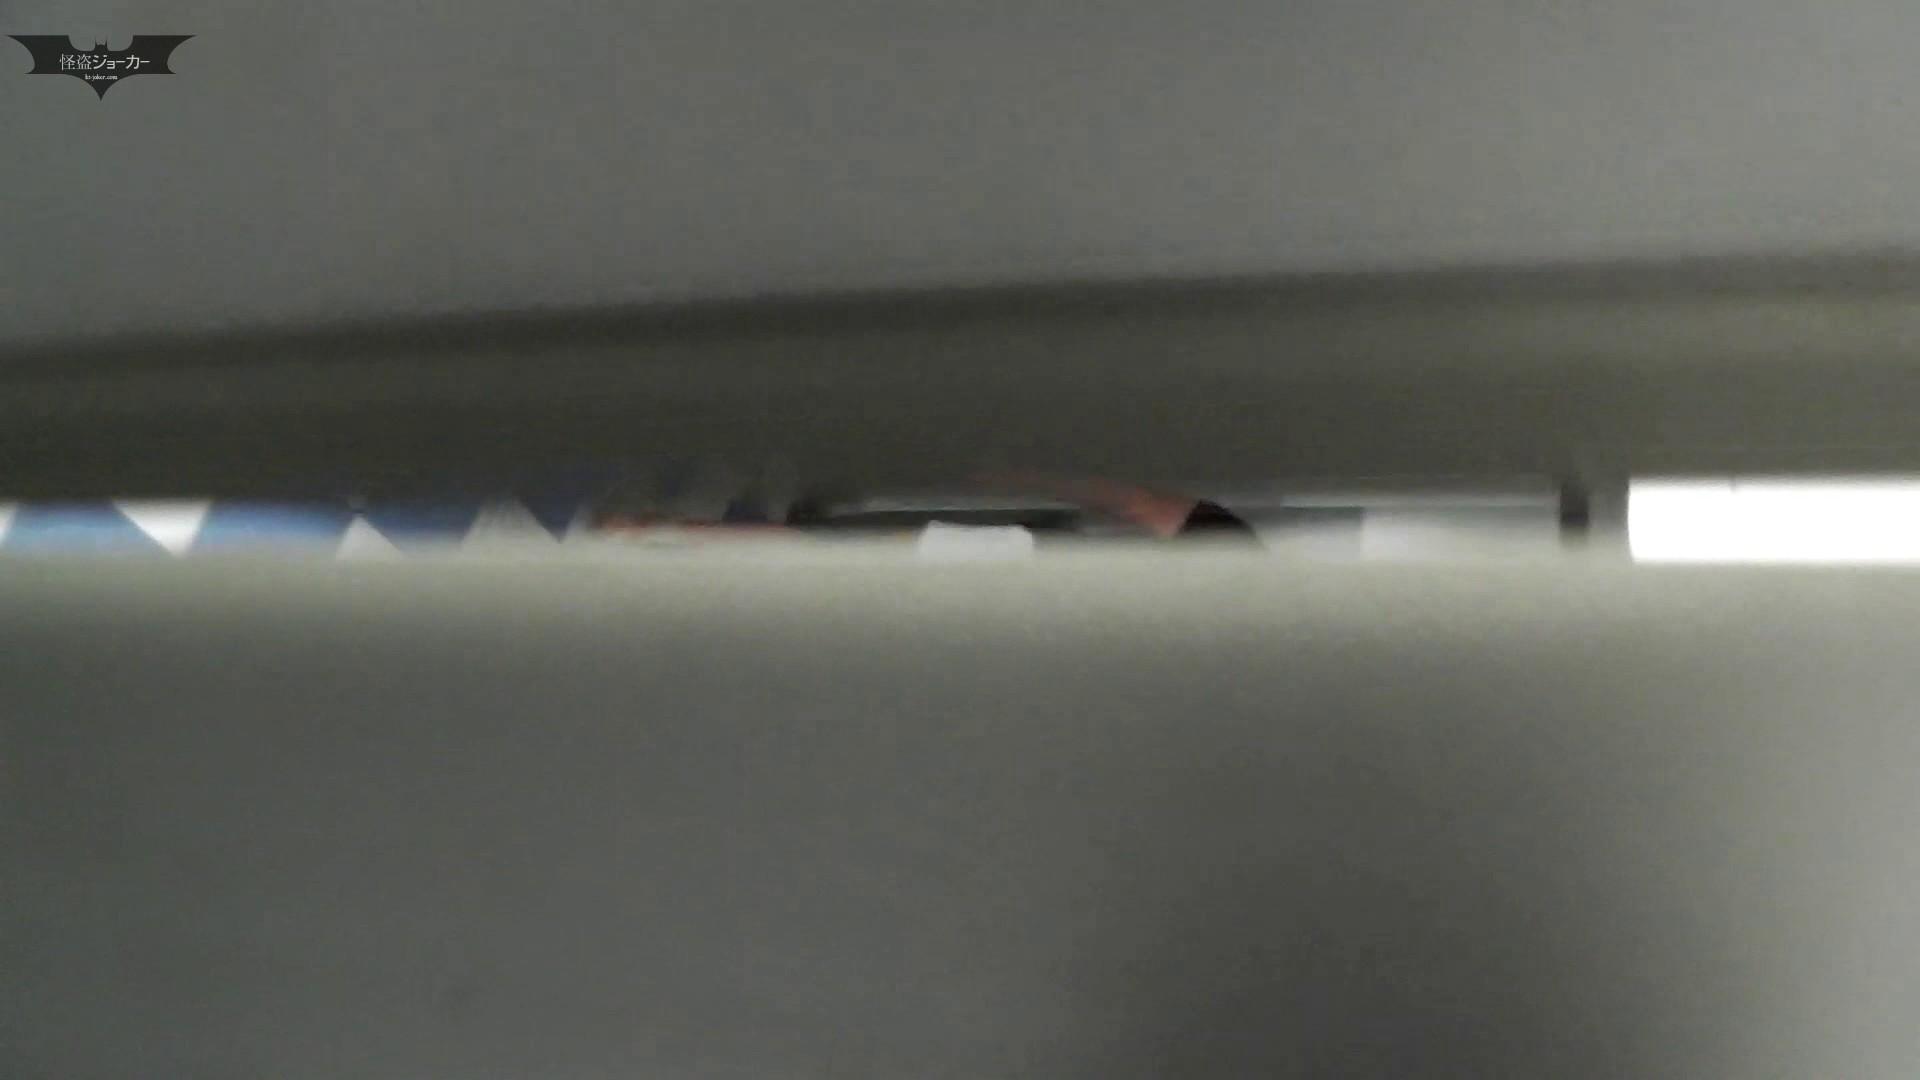 下からノゾム vol.016 きっと見つかるあなたのお好み! OLの実態 | 0  99pic 99